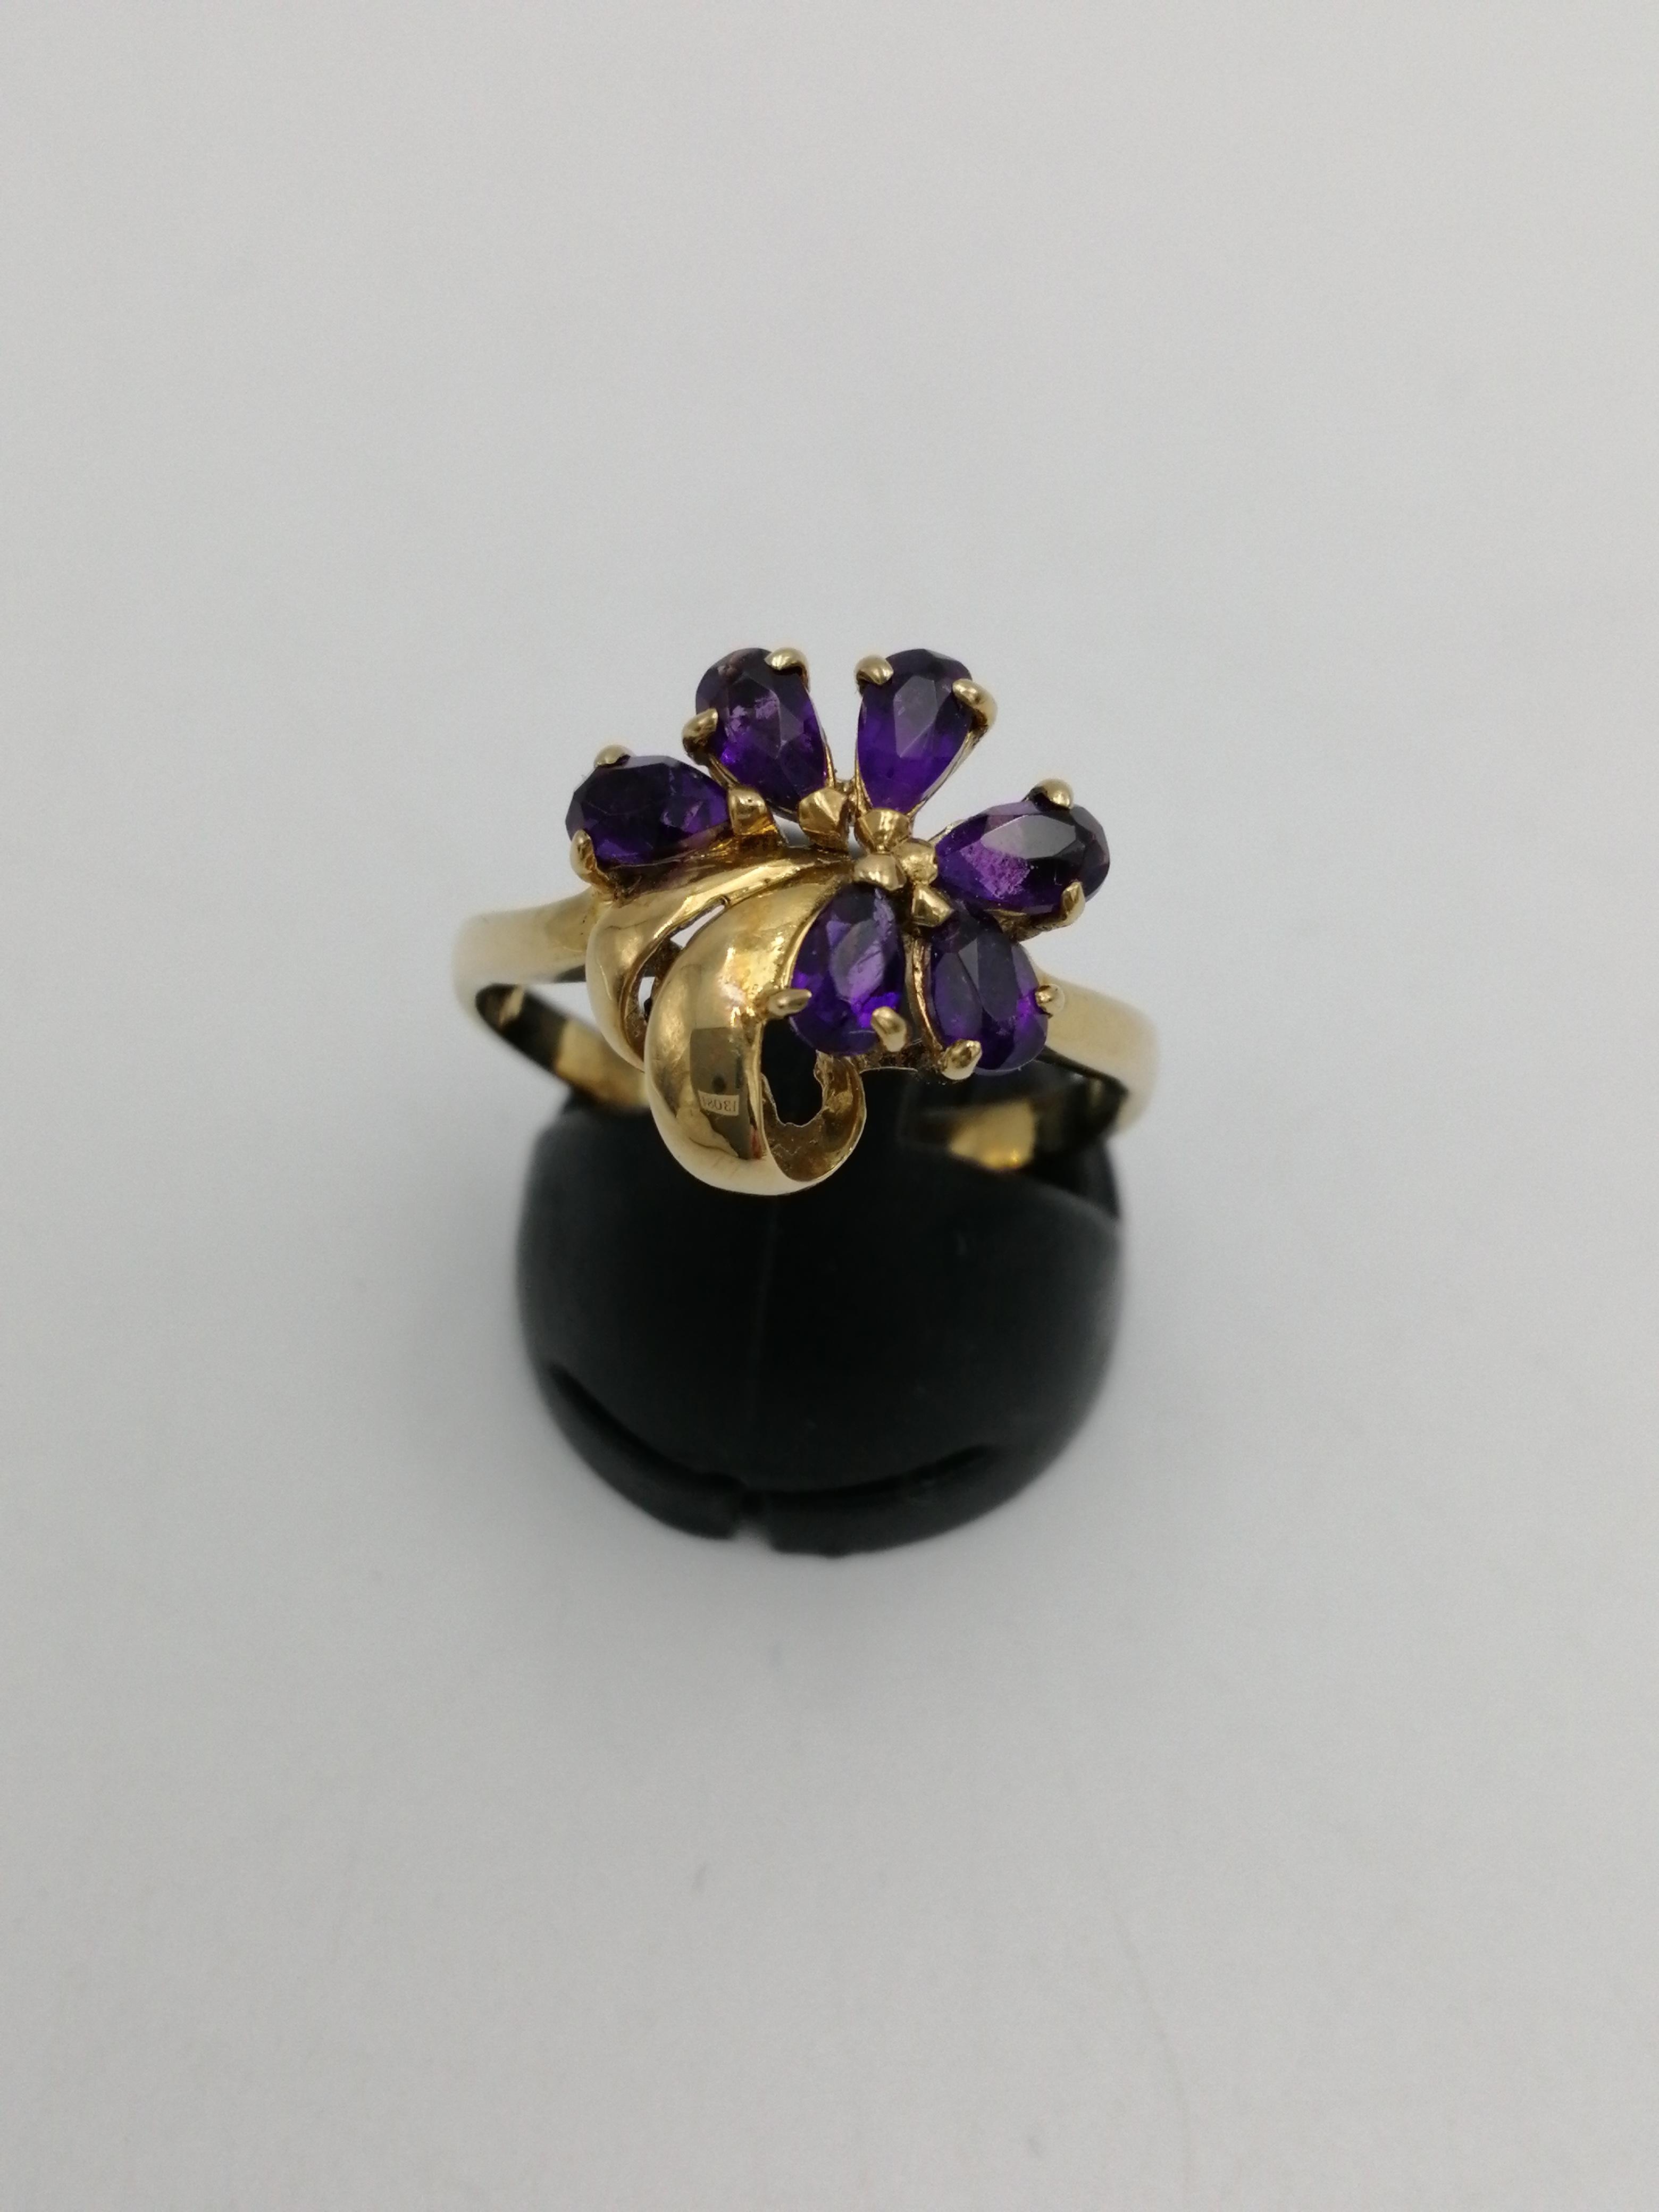 K18リング(紫石付き)|-